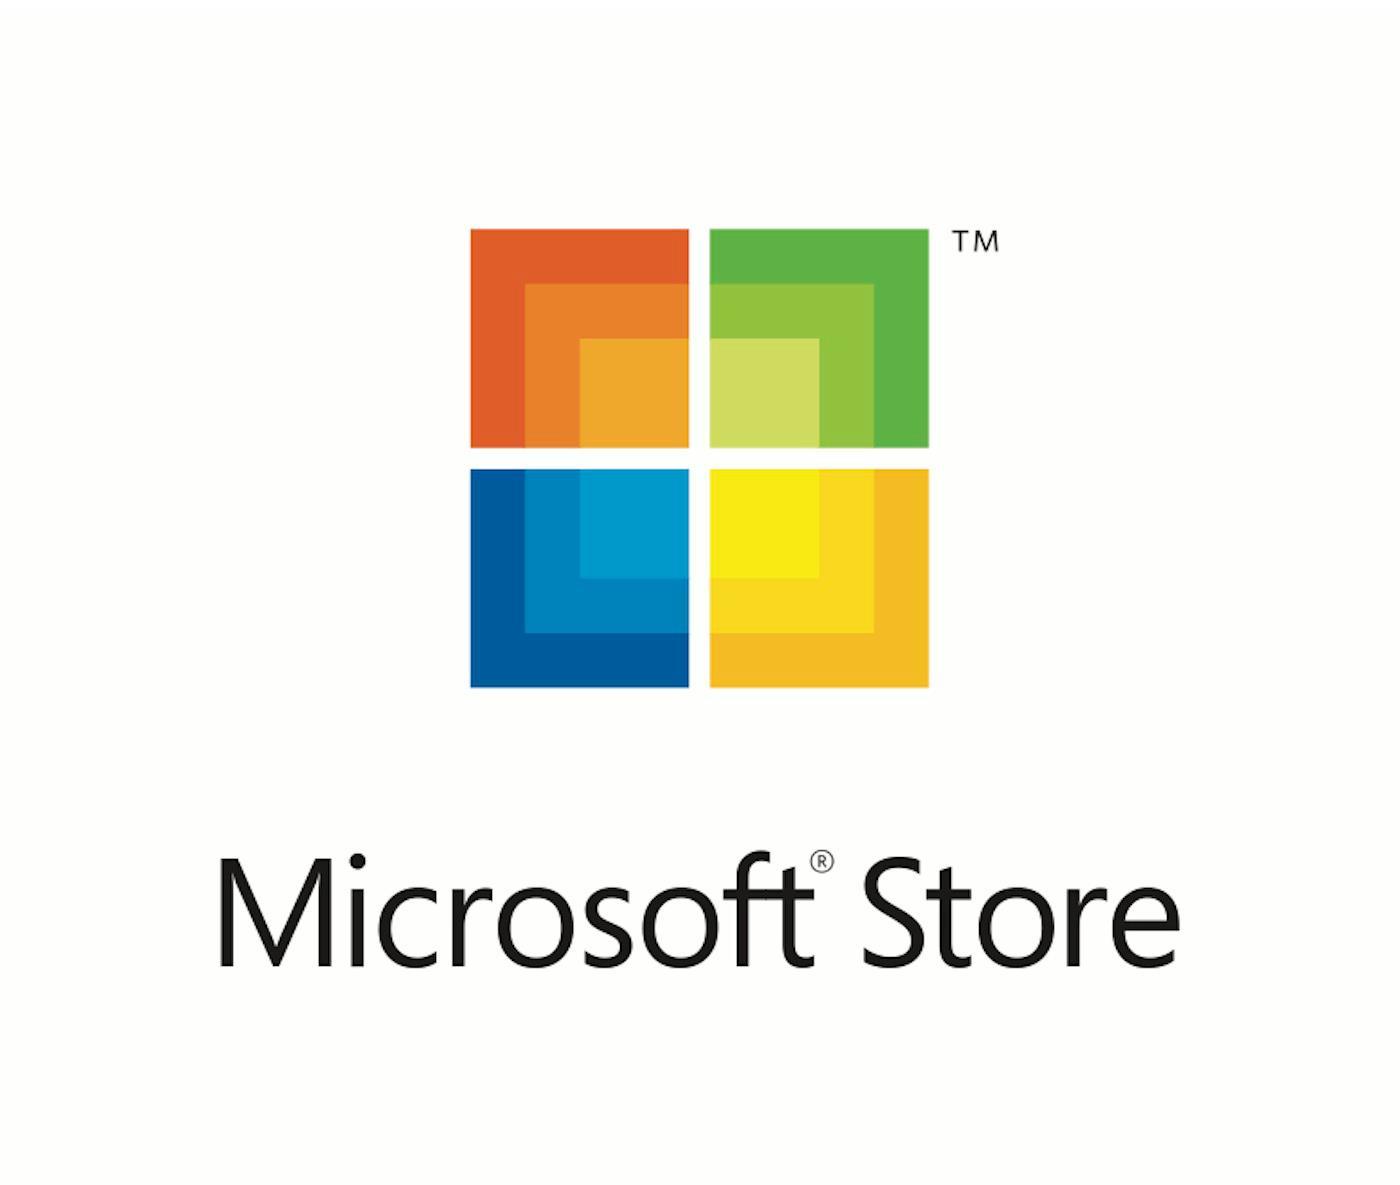 Microsoft Store Organizational Change Project Management